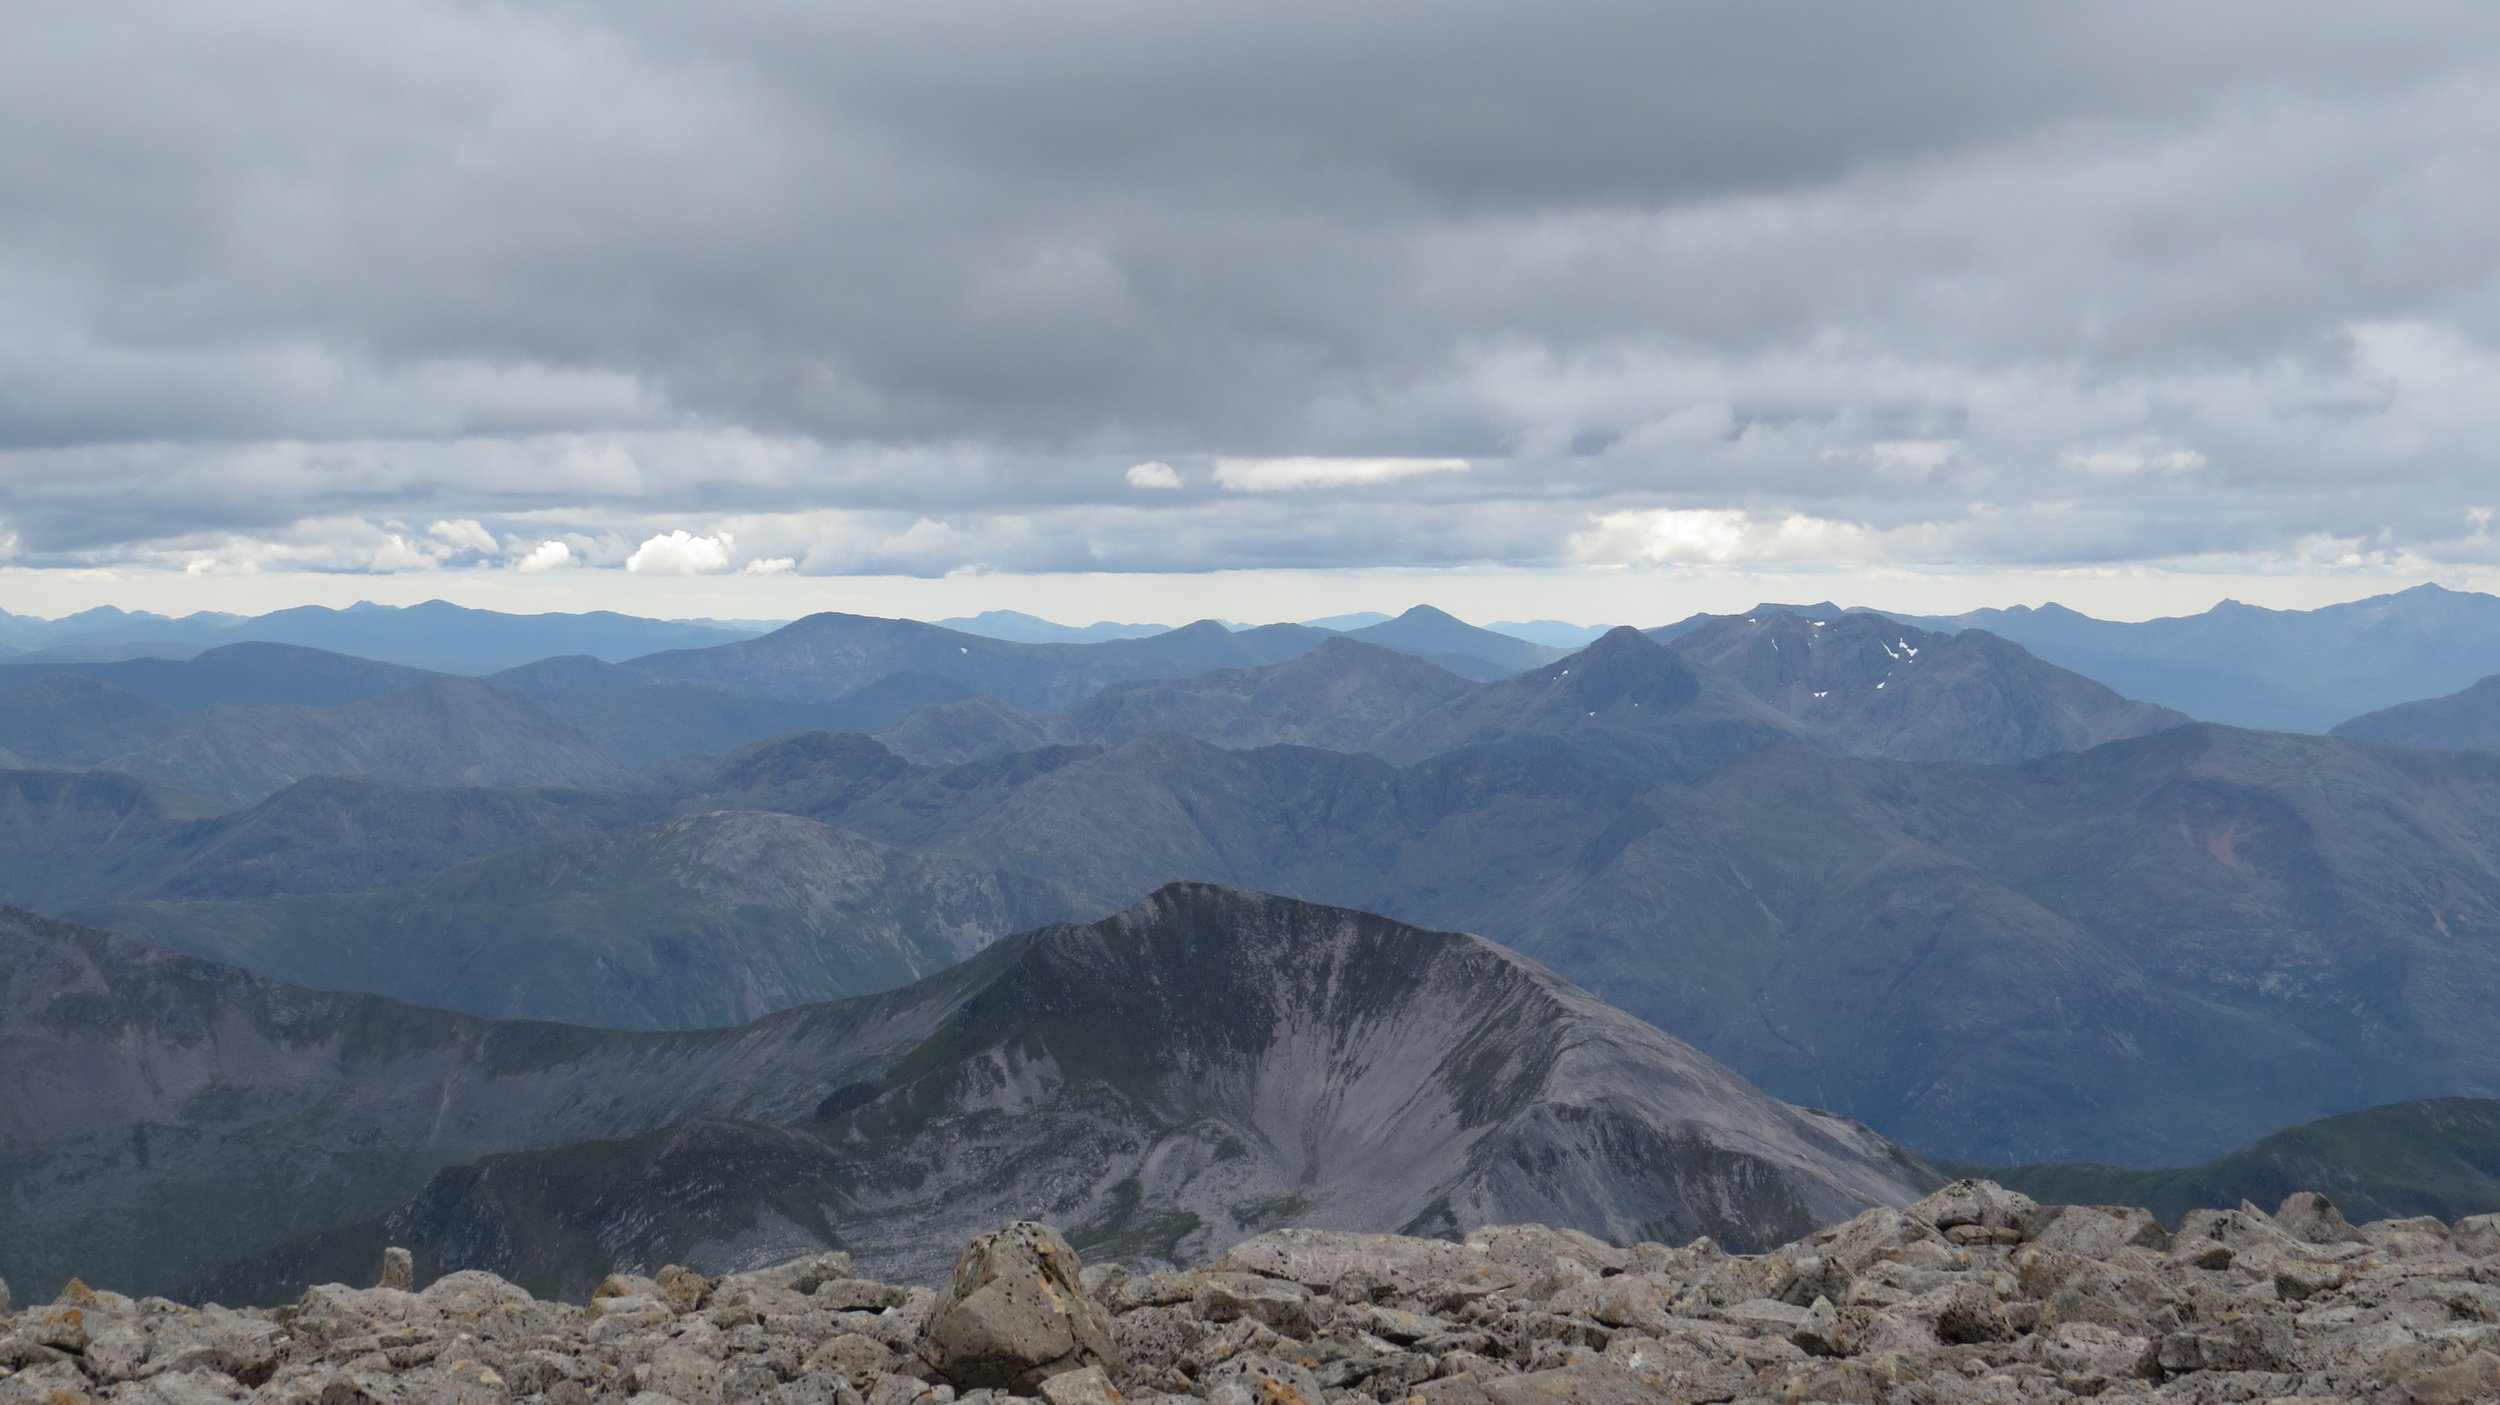 View from Ben Nevis II